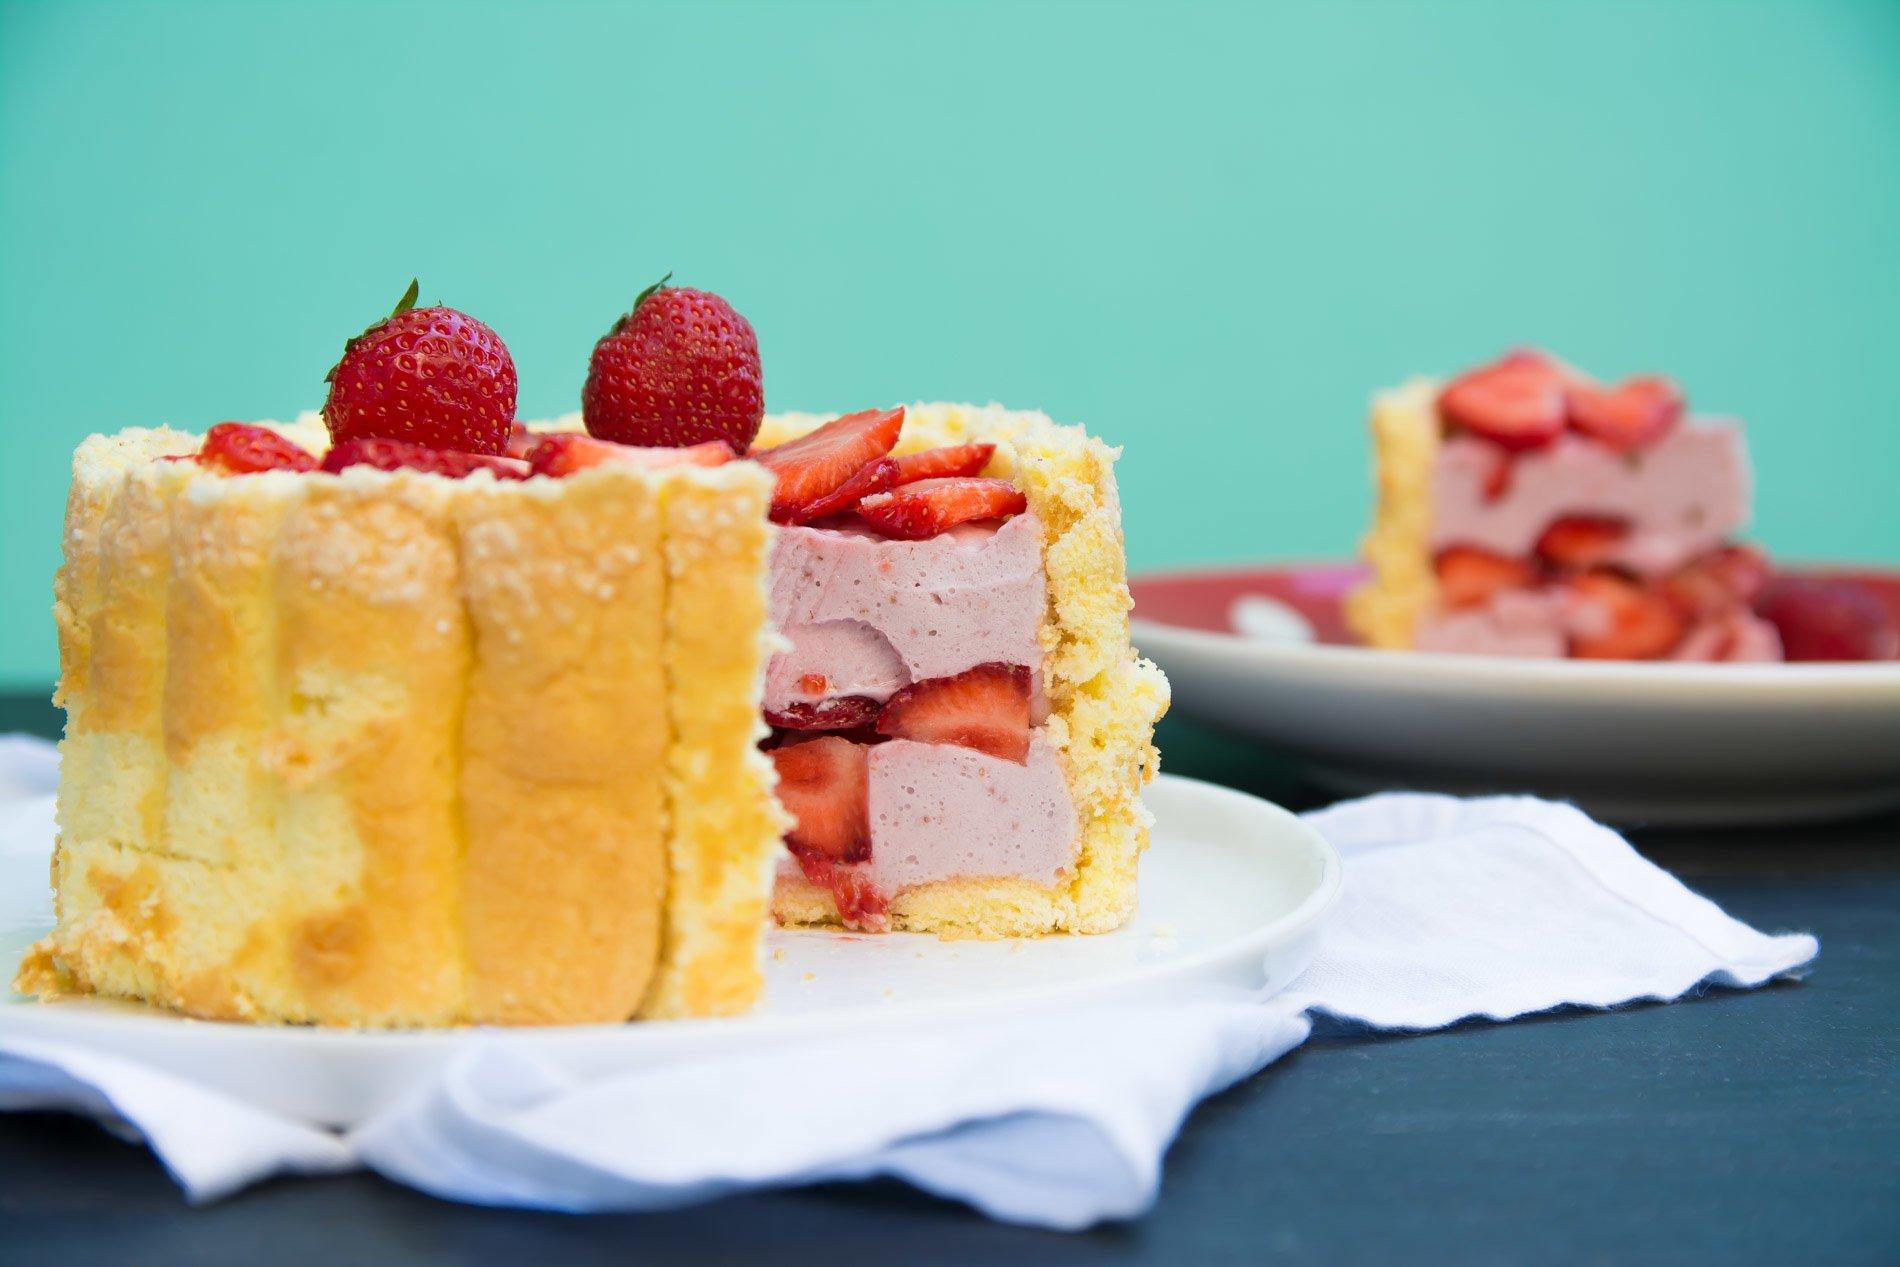 Ma recette de charlotte aux fraises sans gluten et sans lait - 22 v'la Scarlett